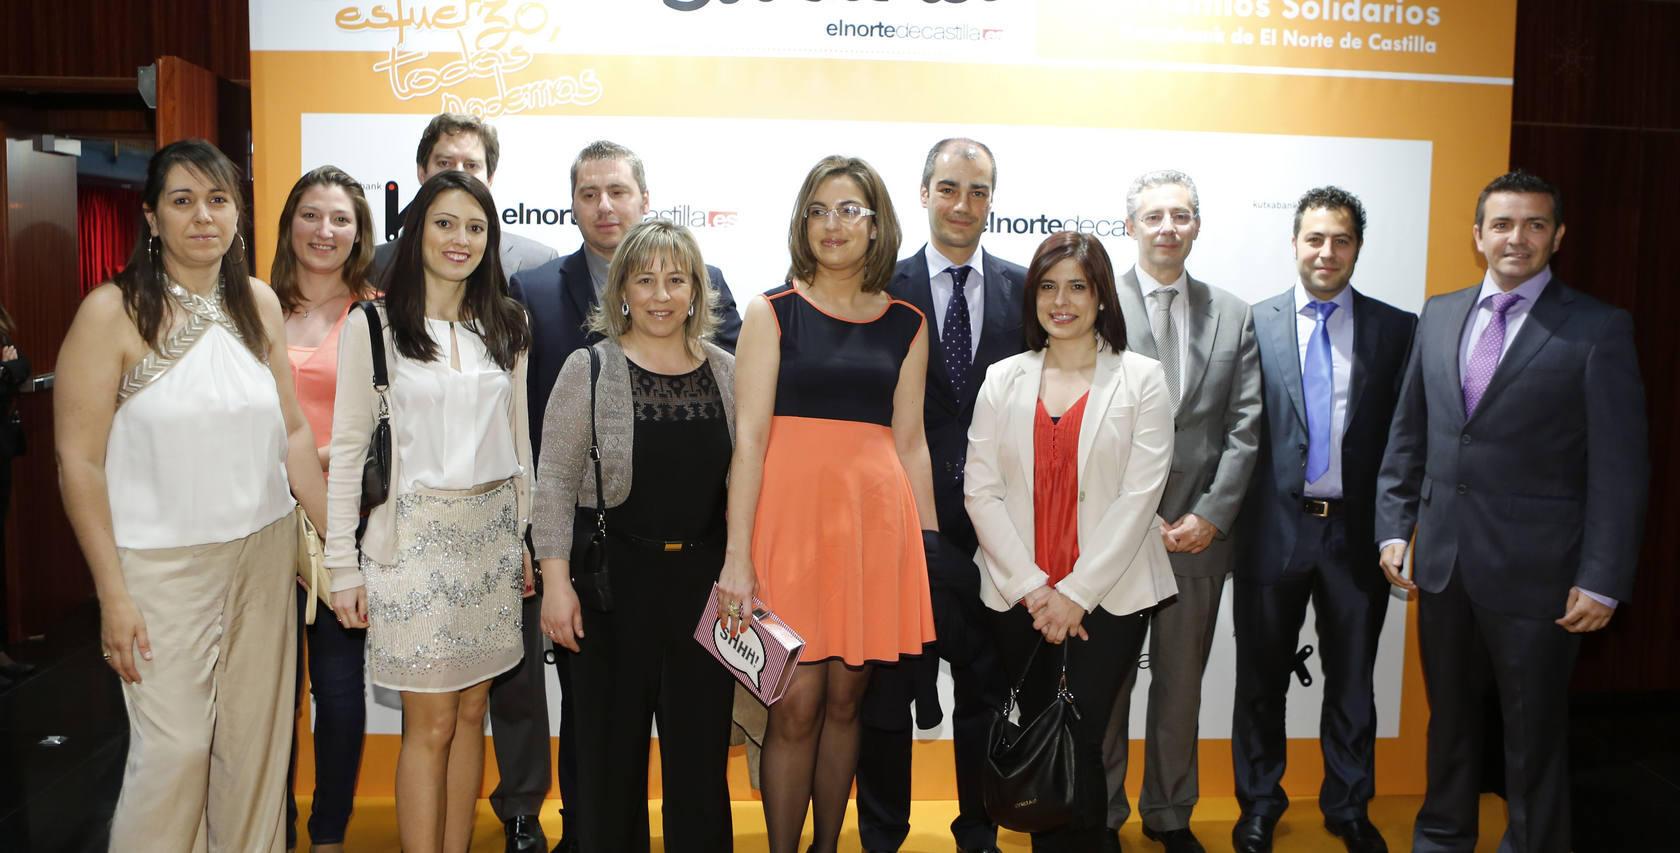 Gala de entrega de los II Premios Solidarios Kutxabank de El Norte